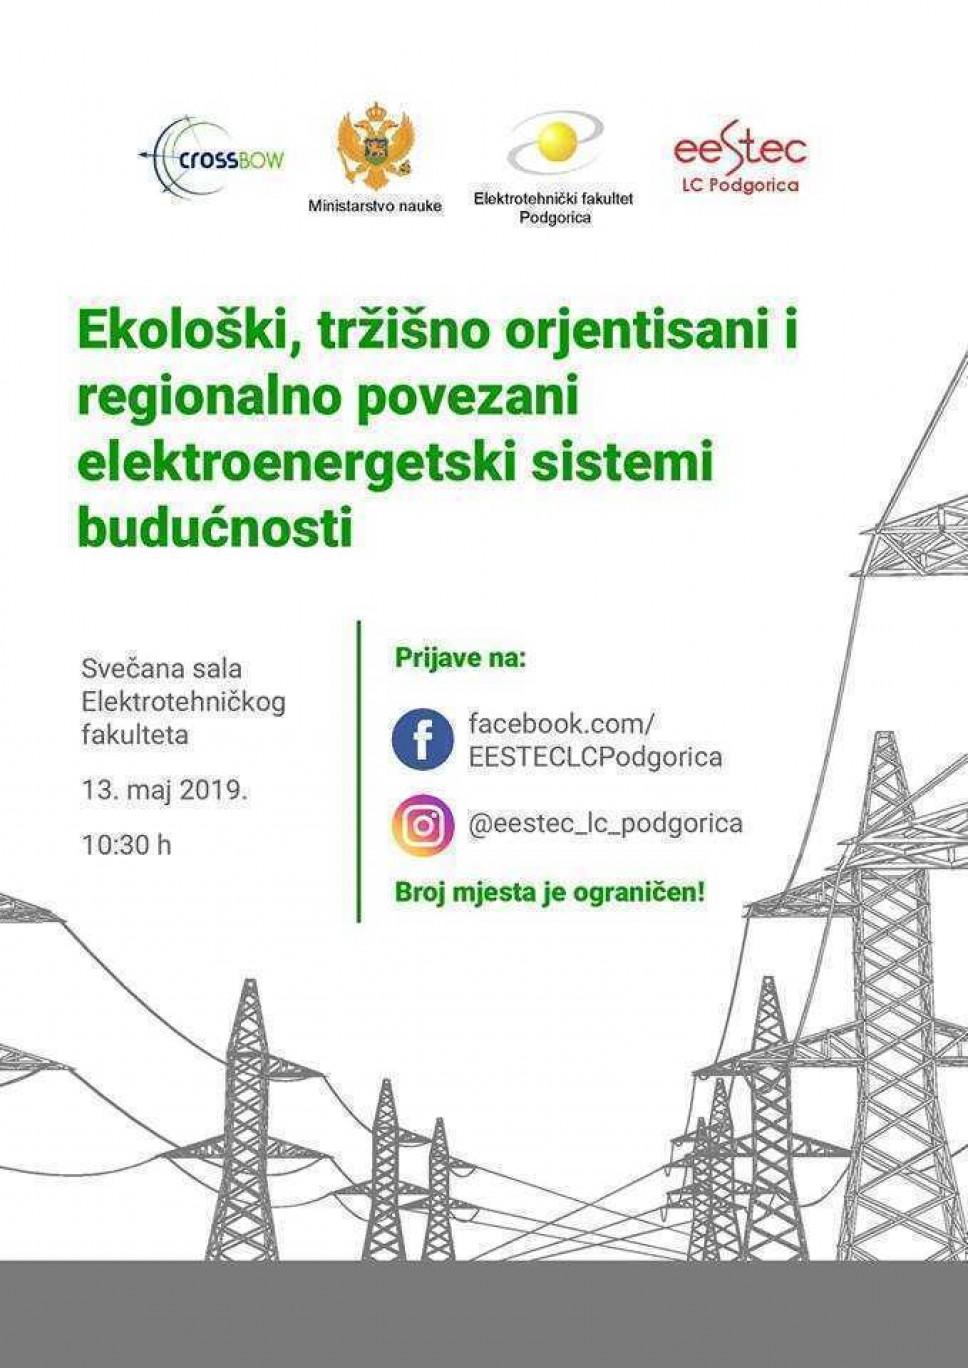 Seminar o elektroenergetskim sistemima budućnosti